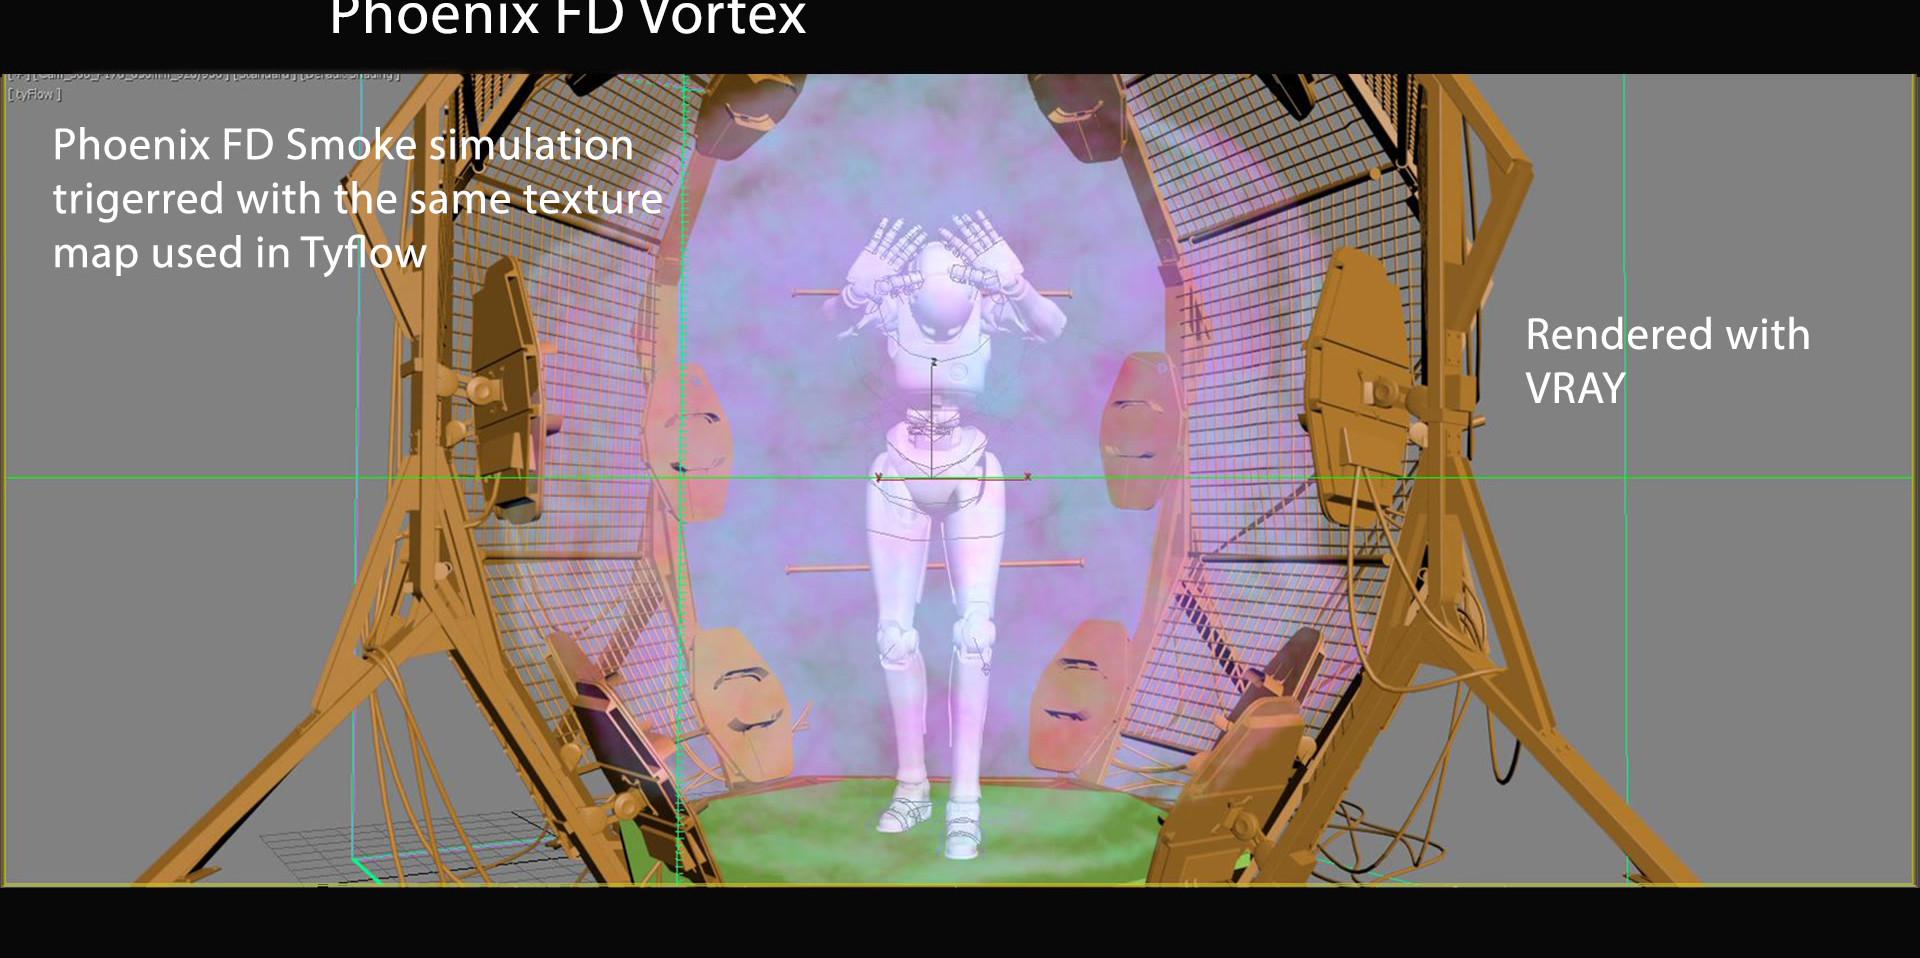 02_FX_VORTEX_BREAKDOWN.webm